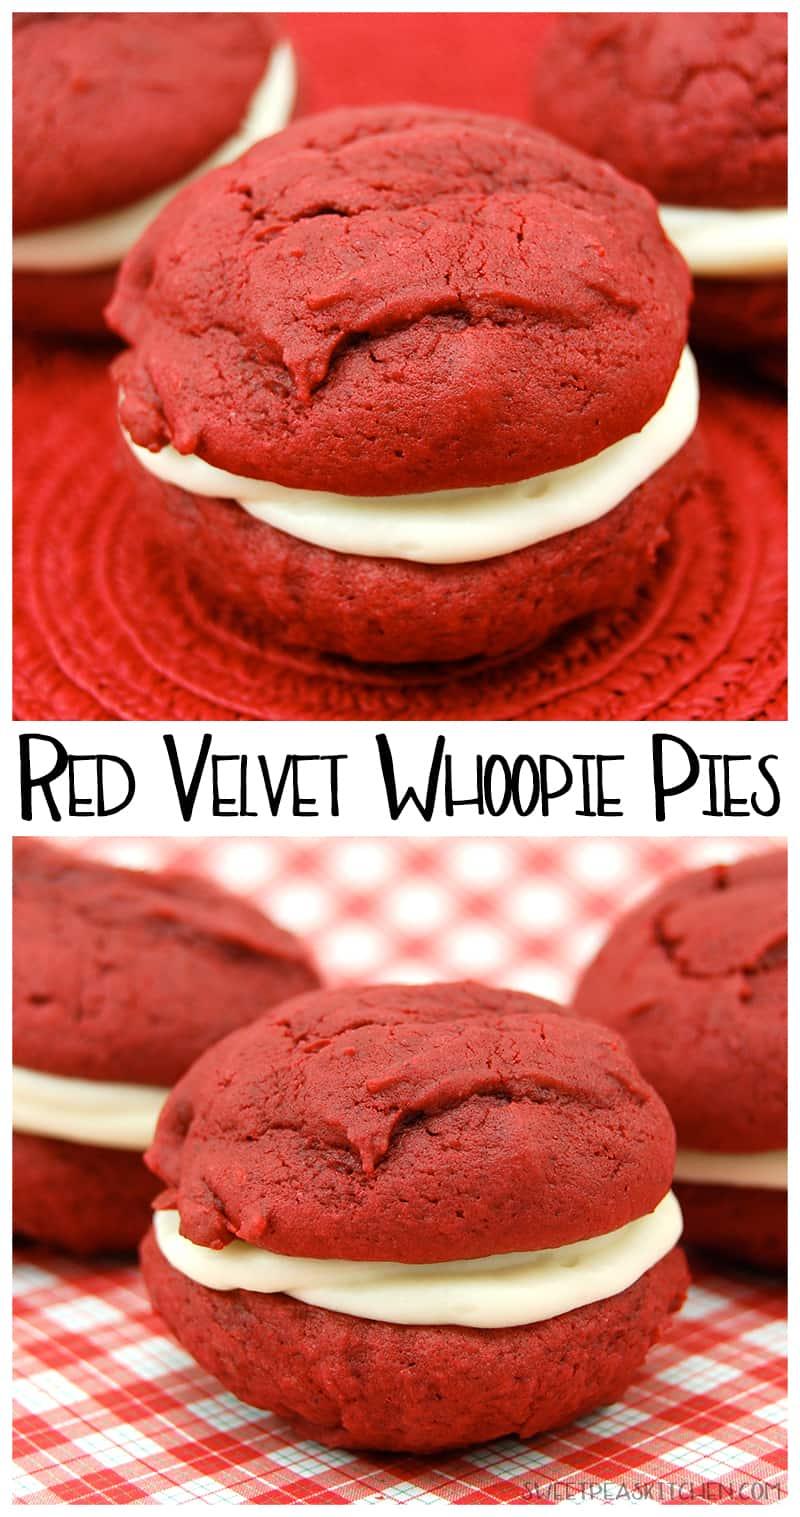 red velvet whoopie pies - PIN image